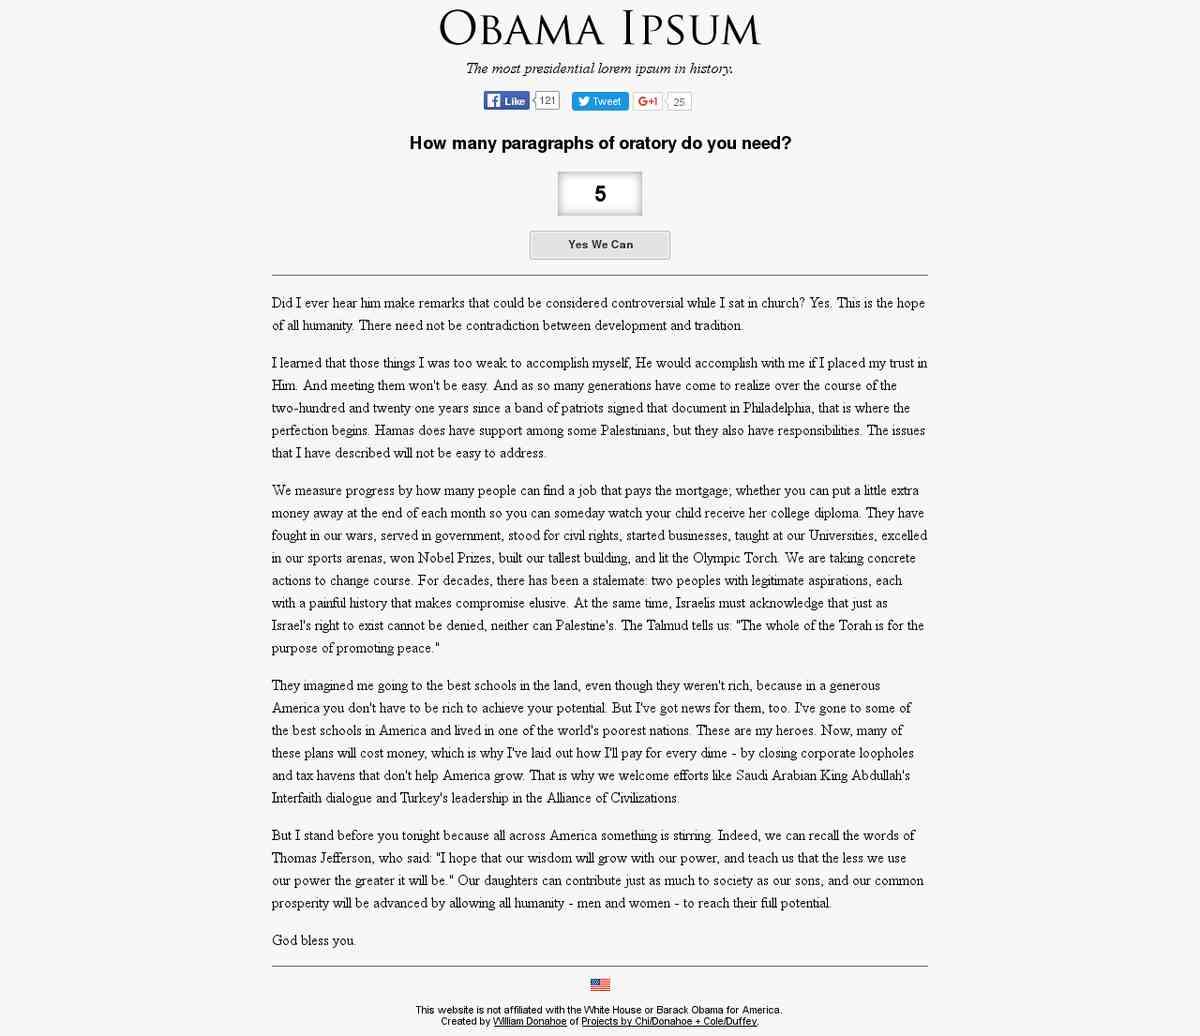 Obama Ipsum